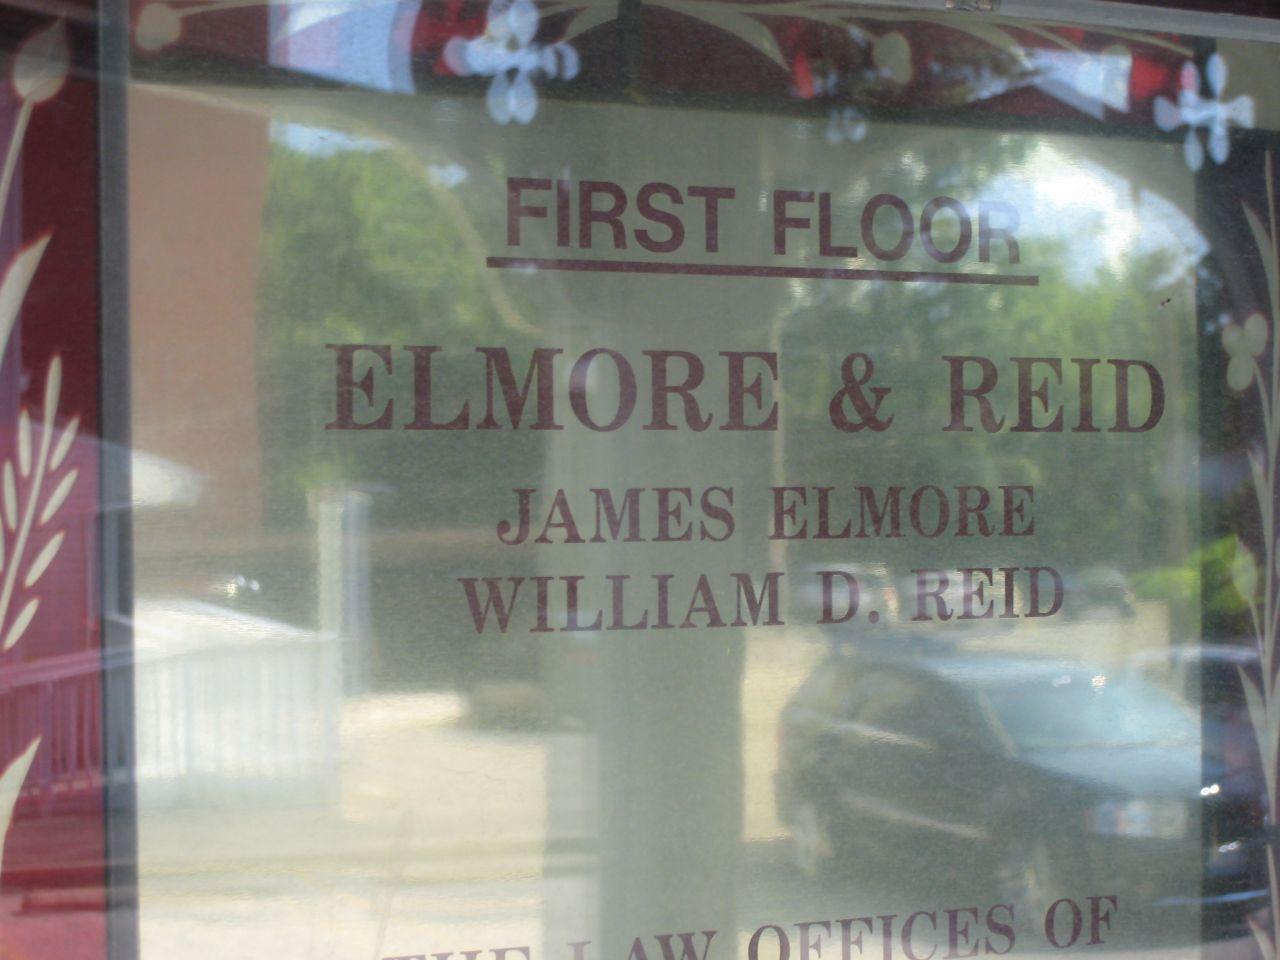 Nameplate for Elmore & Reid